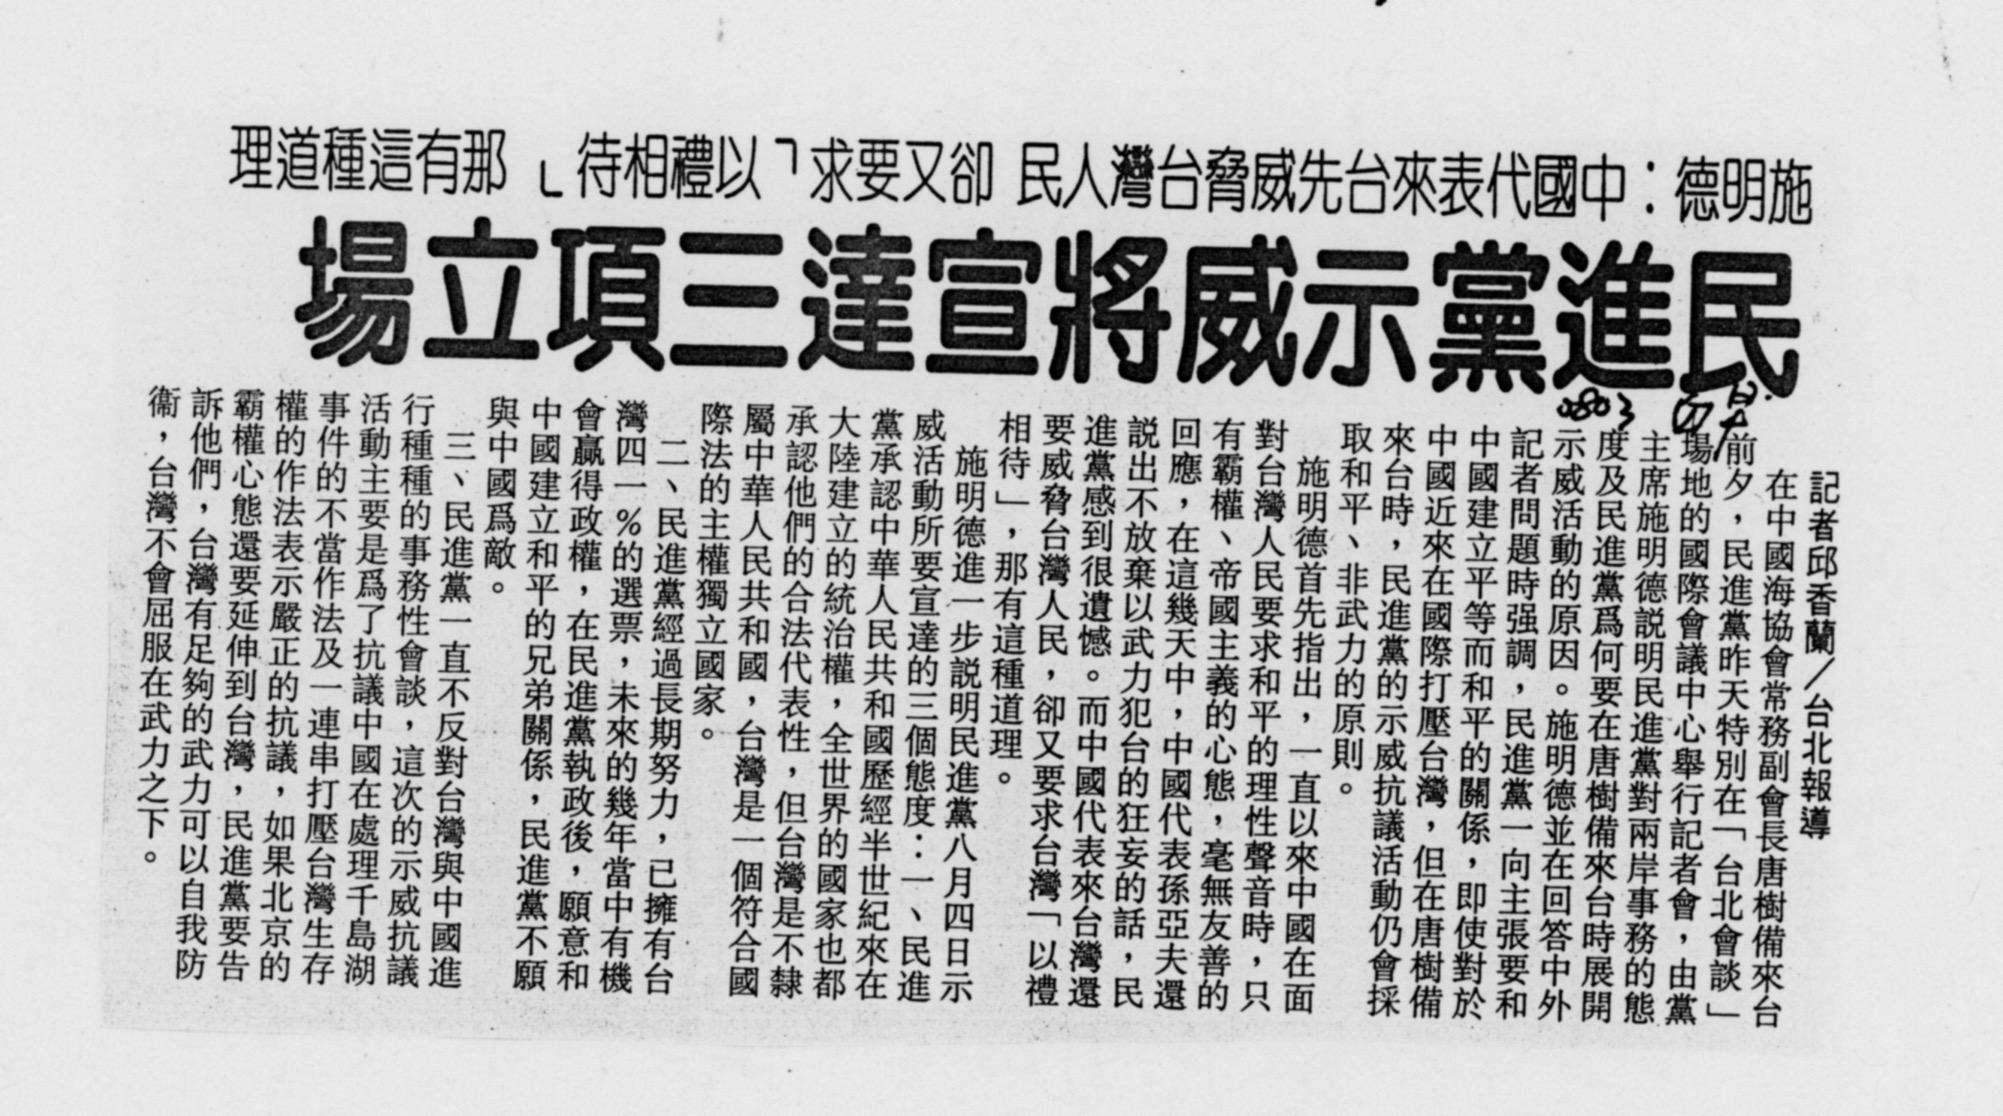 1994 民進黨宣達中國政策